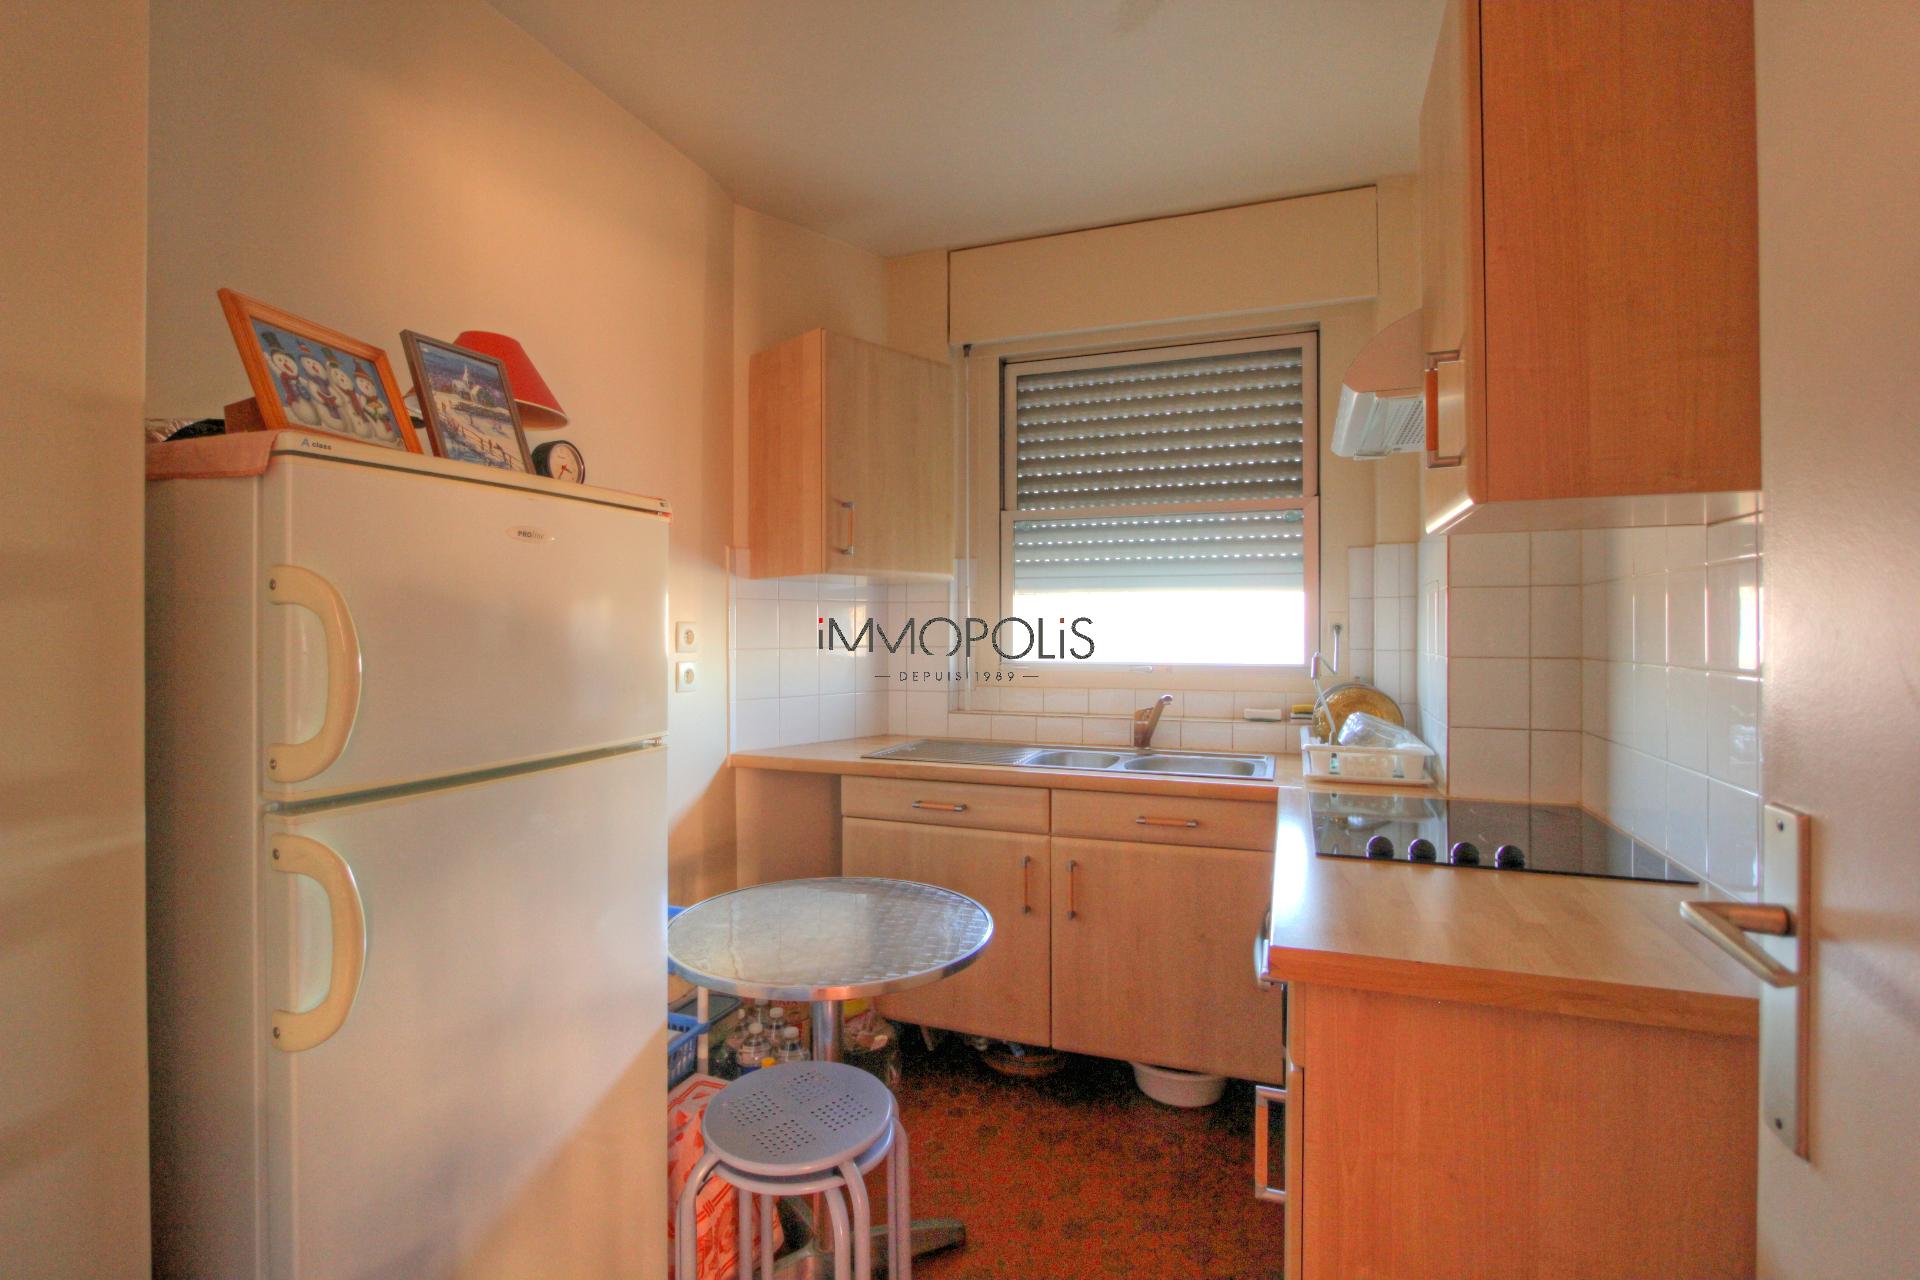 Vente Appartement de 2 pièces 46 m² - PARIS 75018 | IMMOPOLIS RAVIGNAN - AR photo6